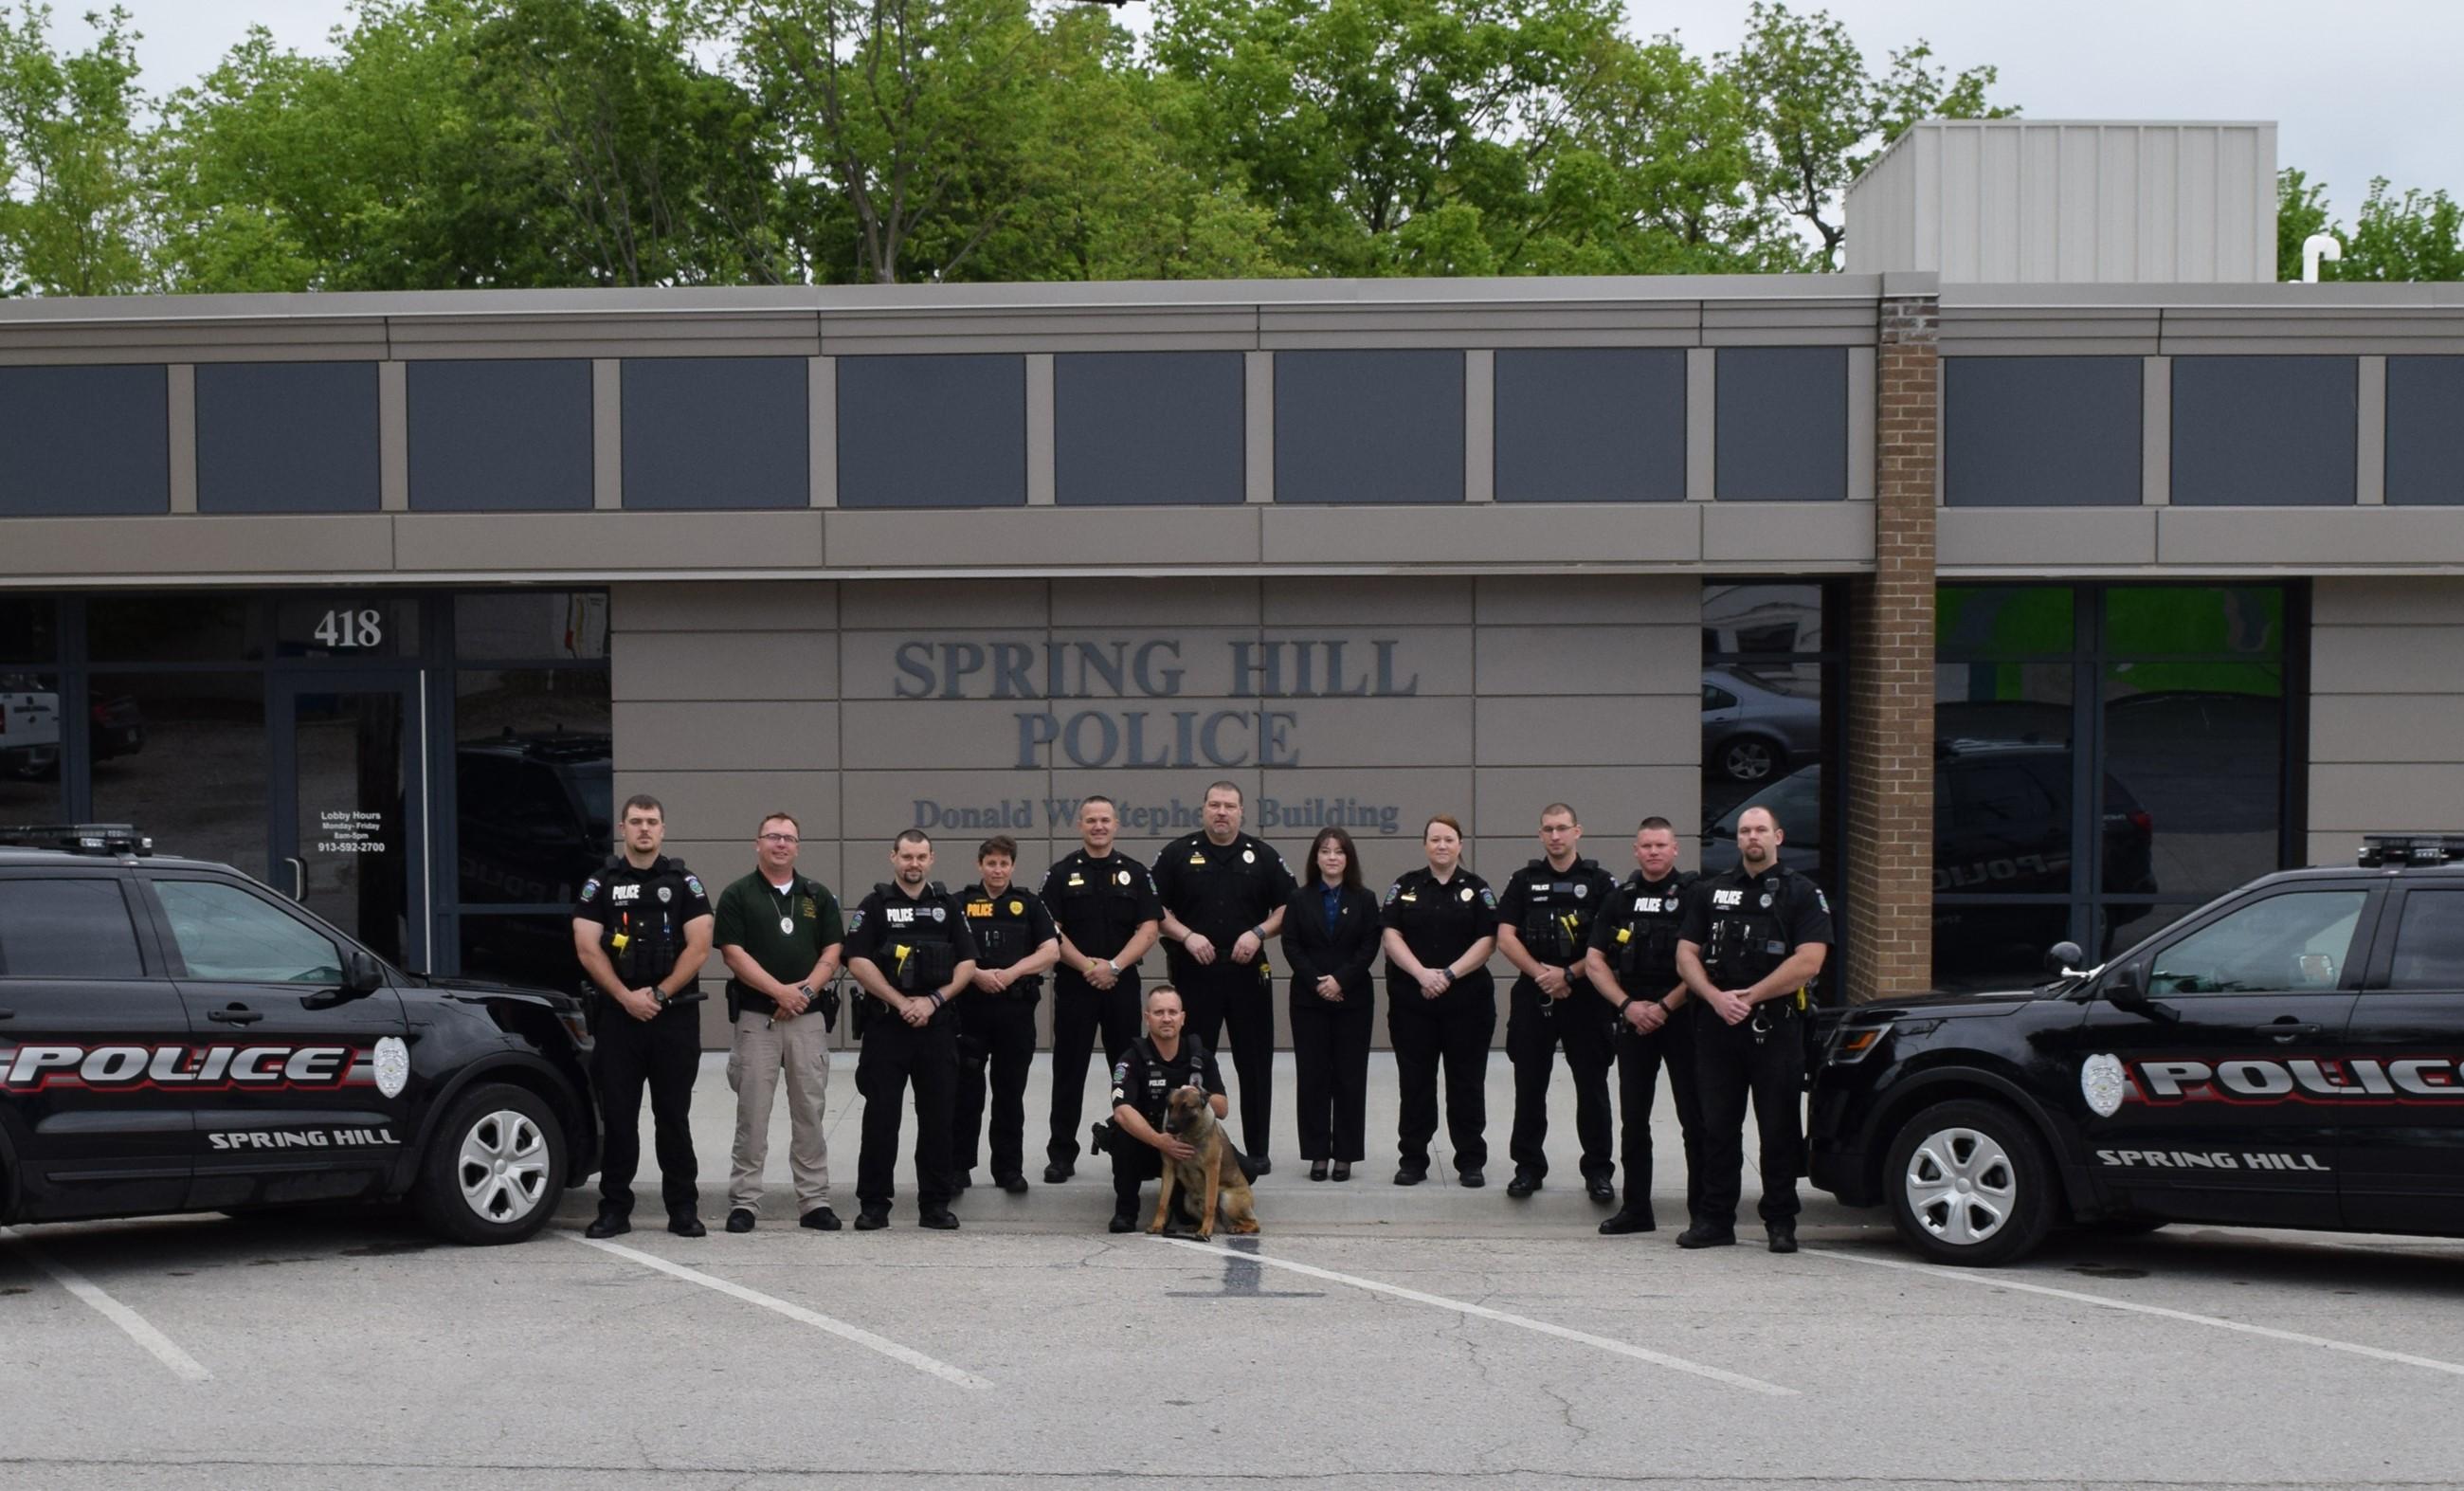 police department spring hill ks official website. Black Bedroom Furniture Sets. Home Design Ideas